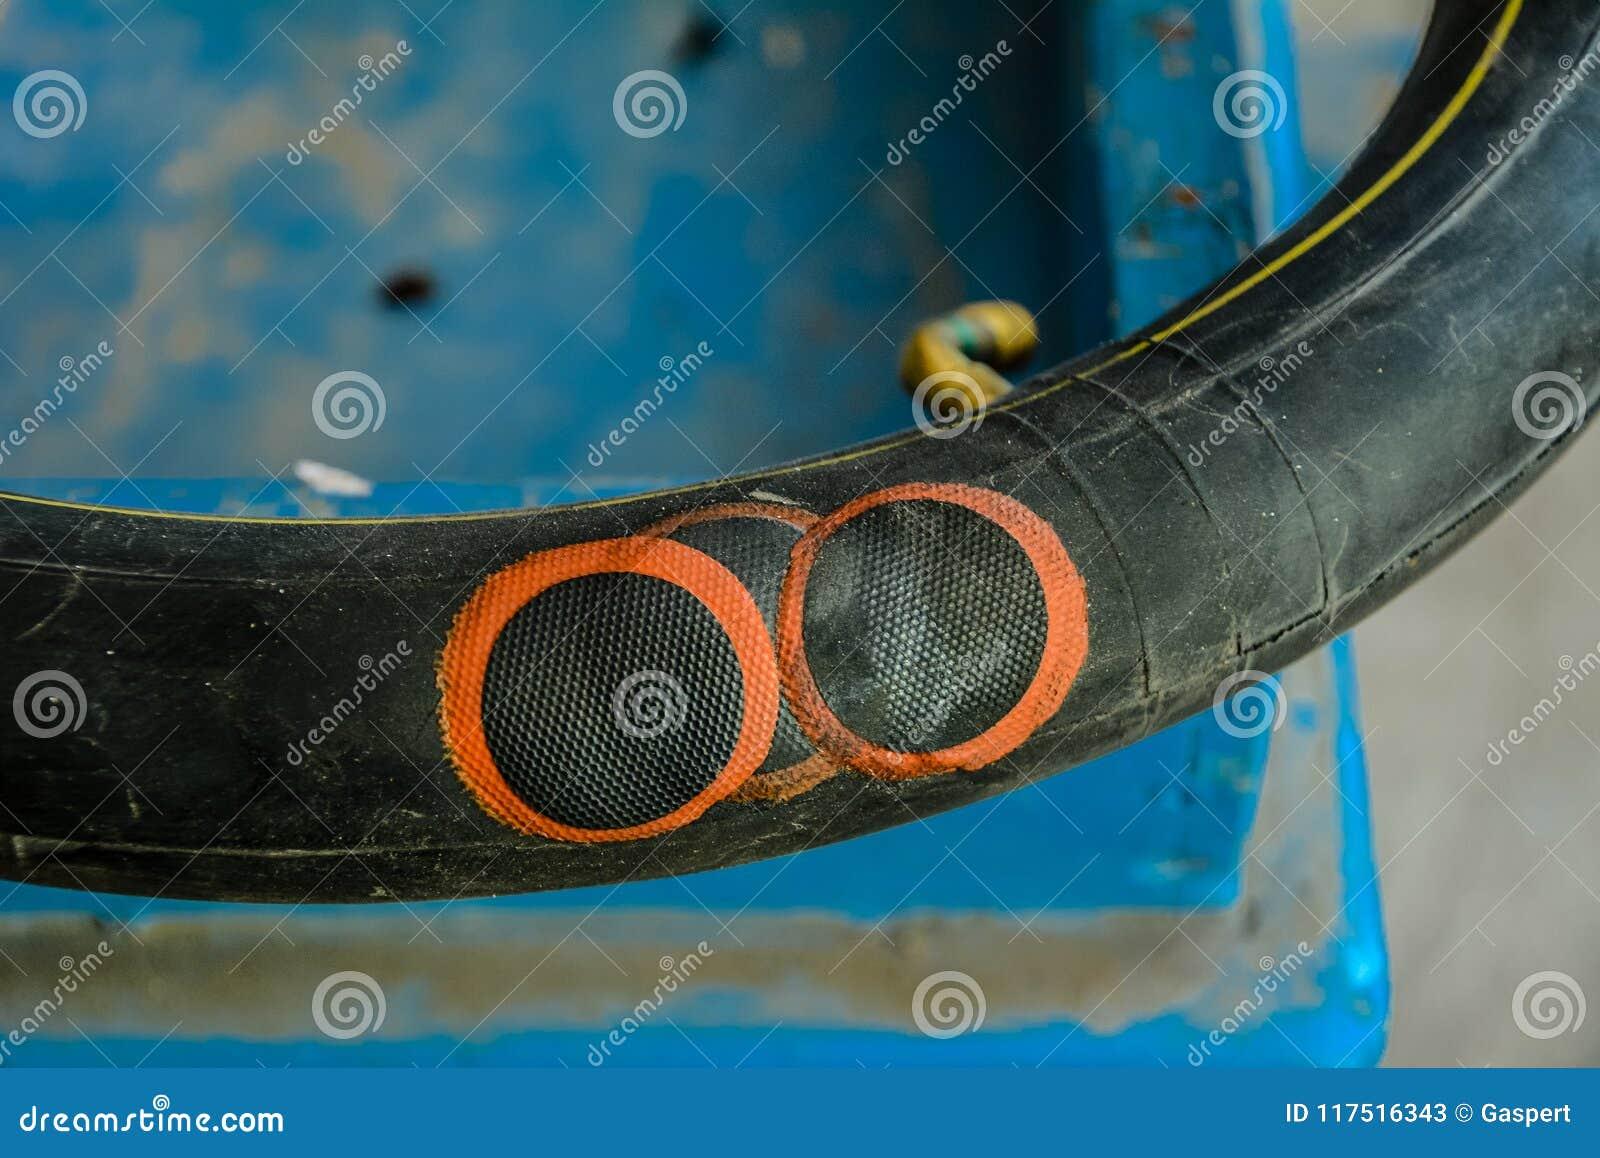 Repaired bike inner tube